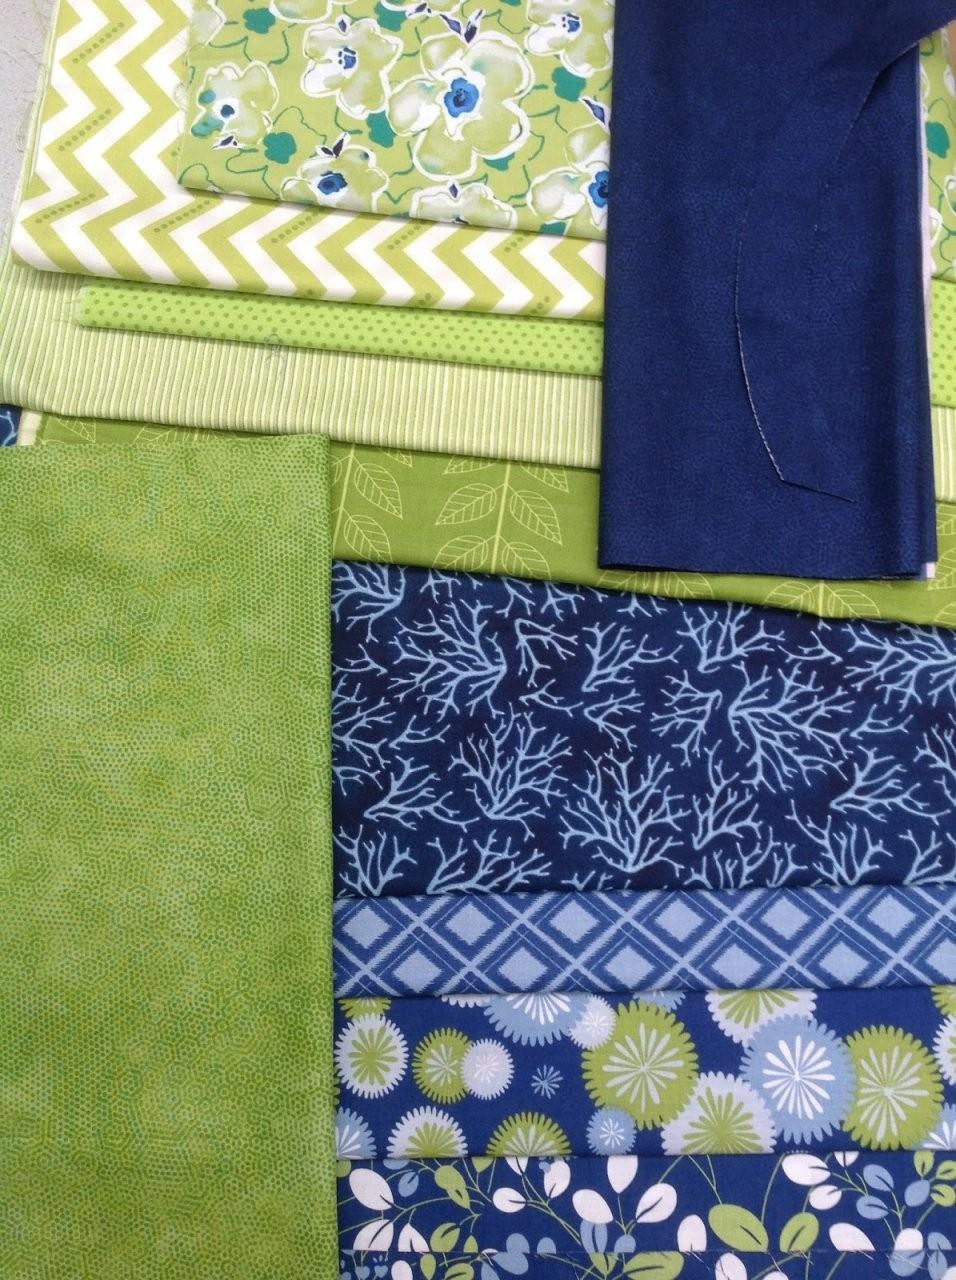 Mehrseptember Around Quilts 2013 Quilt Und 80Ovnwmn von Winterengel Edelflanell Bettwäsche Winterdorf Bild